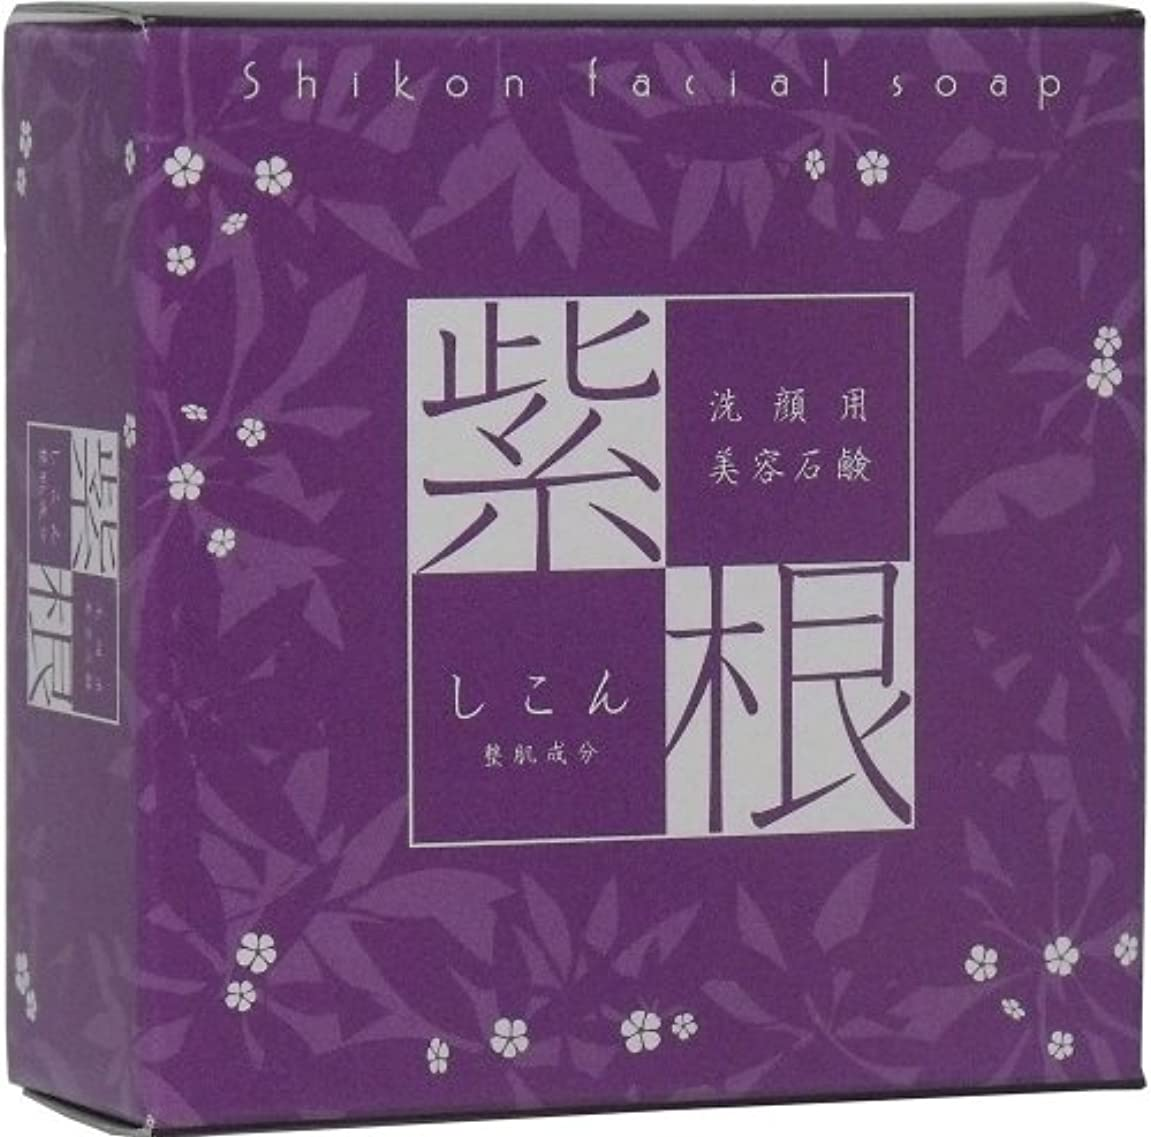 内側詐欺師裁量洗顔用 紫根石けん (泡立てネット付き) 100g ×8個セット